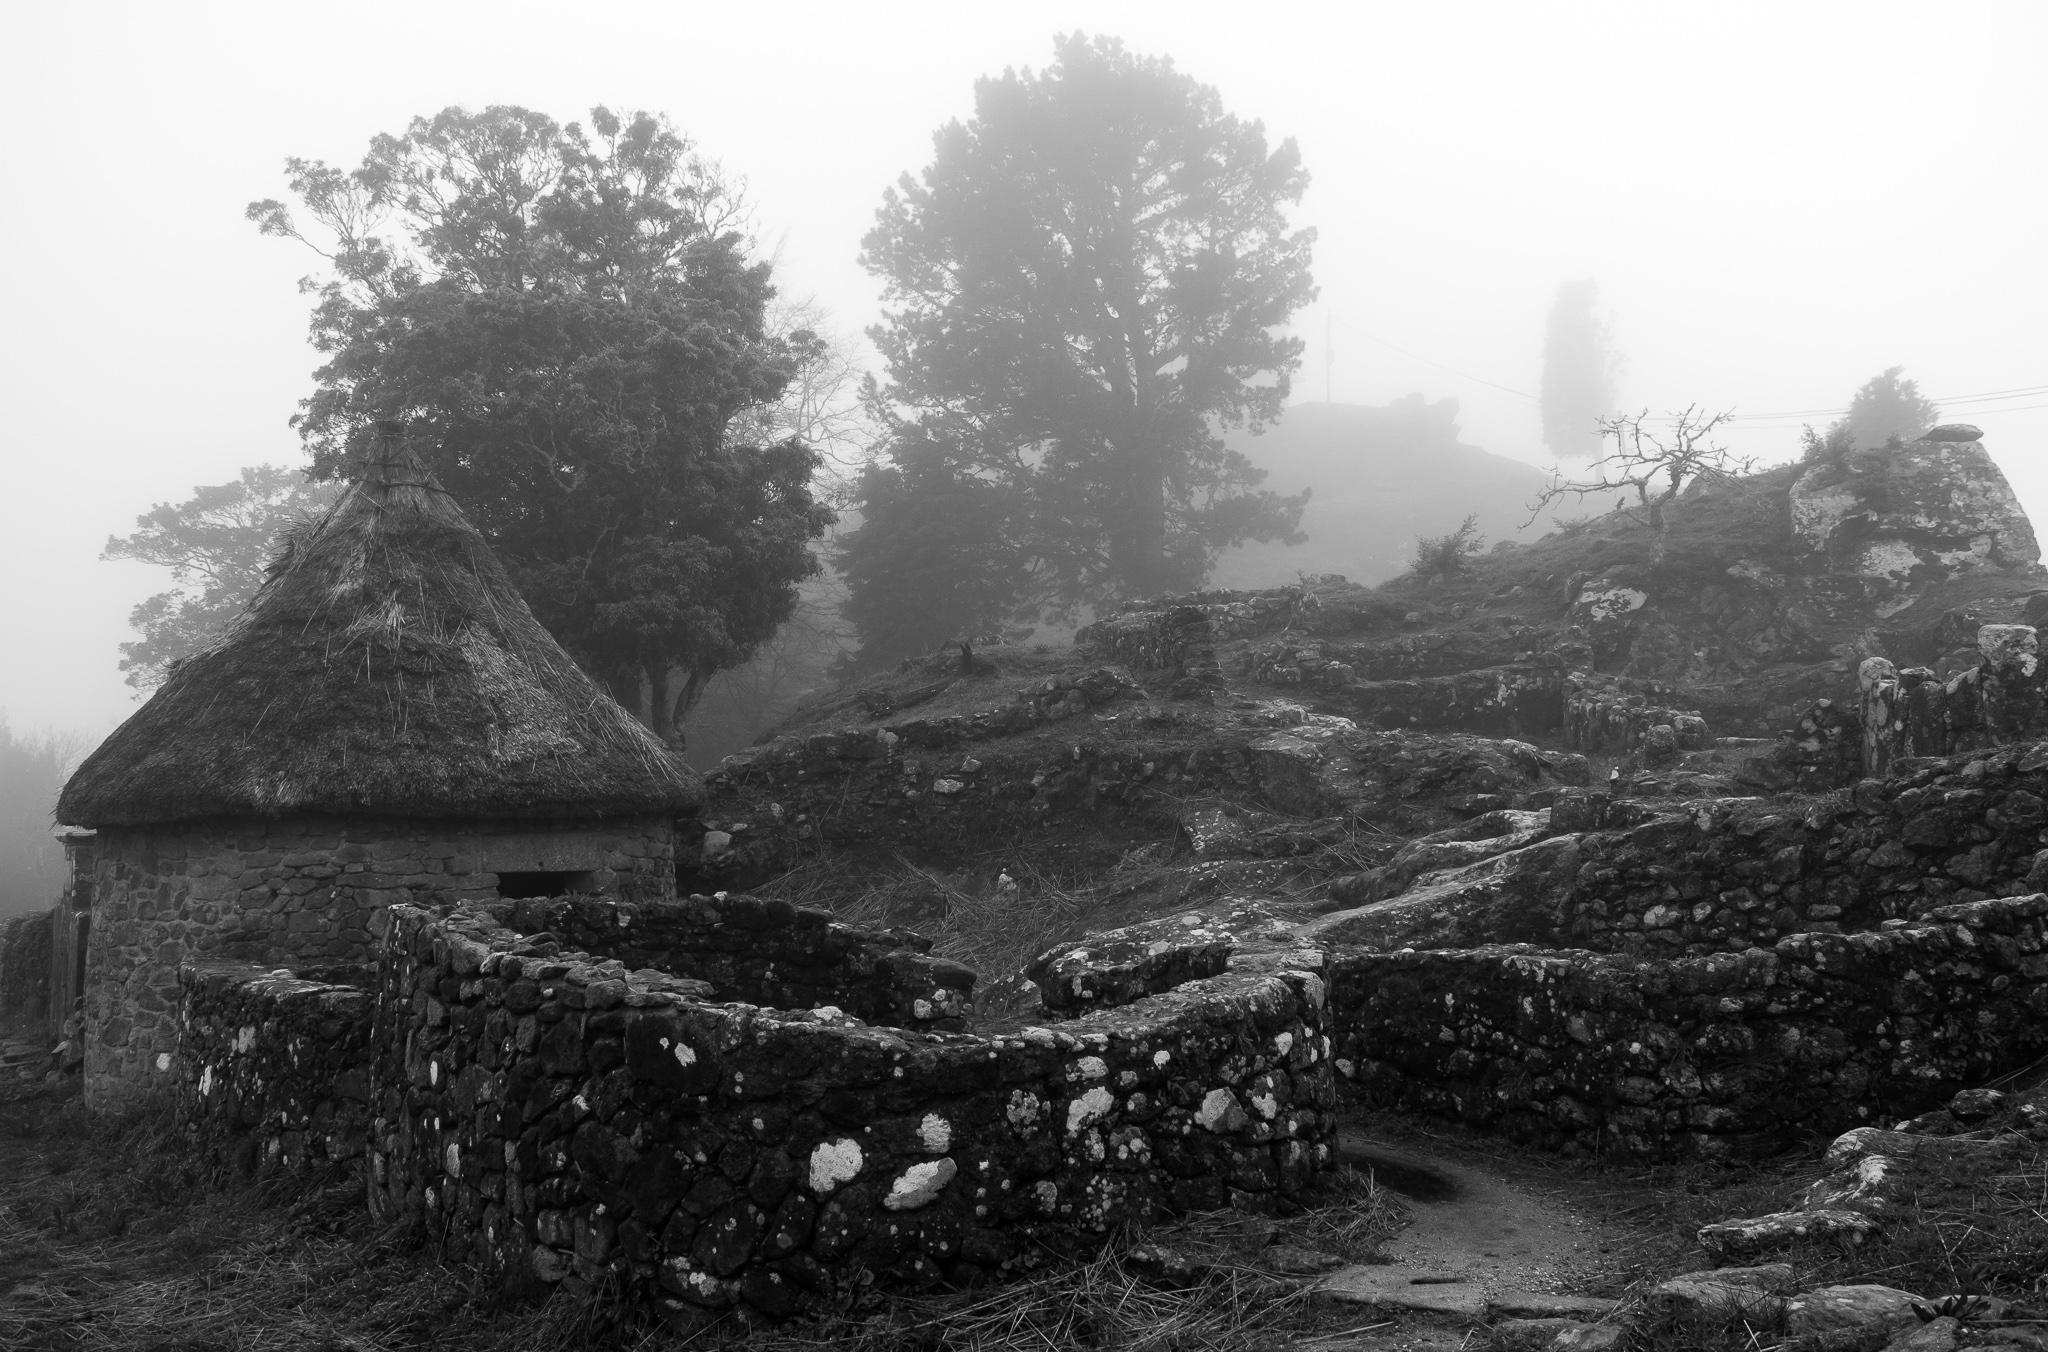 El castro de Santa Trega, en el municipio de A Guarda y a unos 340m de altitud, es un castro galaico y un sitio arqueológico que se sitúa en el monte Trega.<br><br> Declarado Monumento Histórico Artístico Nacional (1931) y perteneciente a la cultura castreña, es un gran yacimiento que narra la historia de los antiguos pobladores de Galicia.